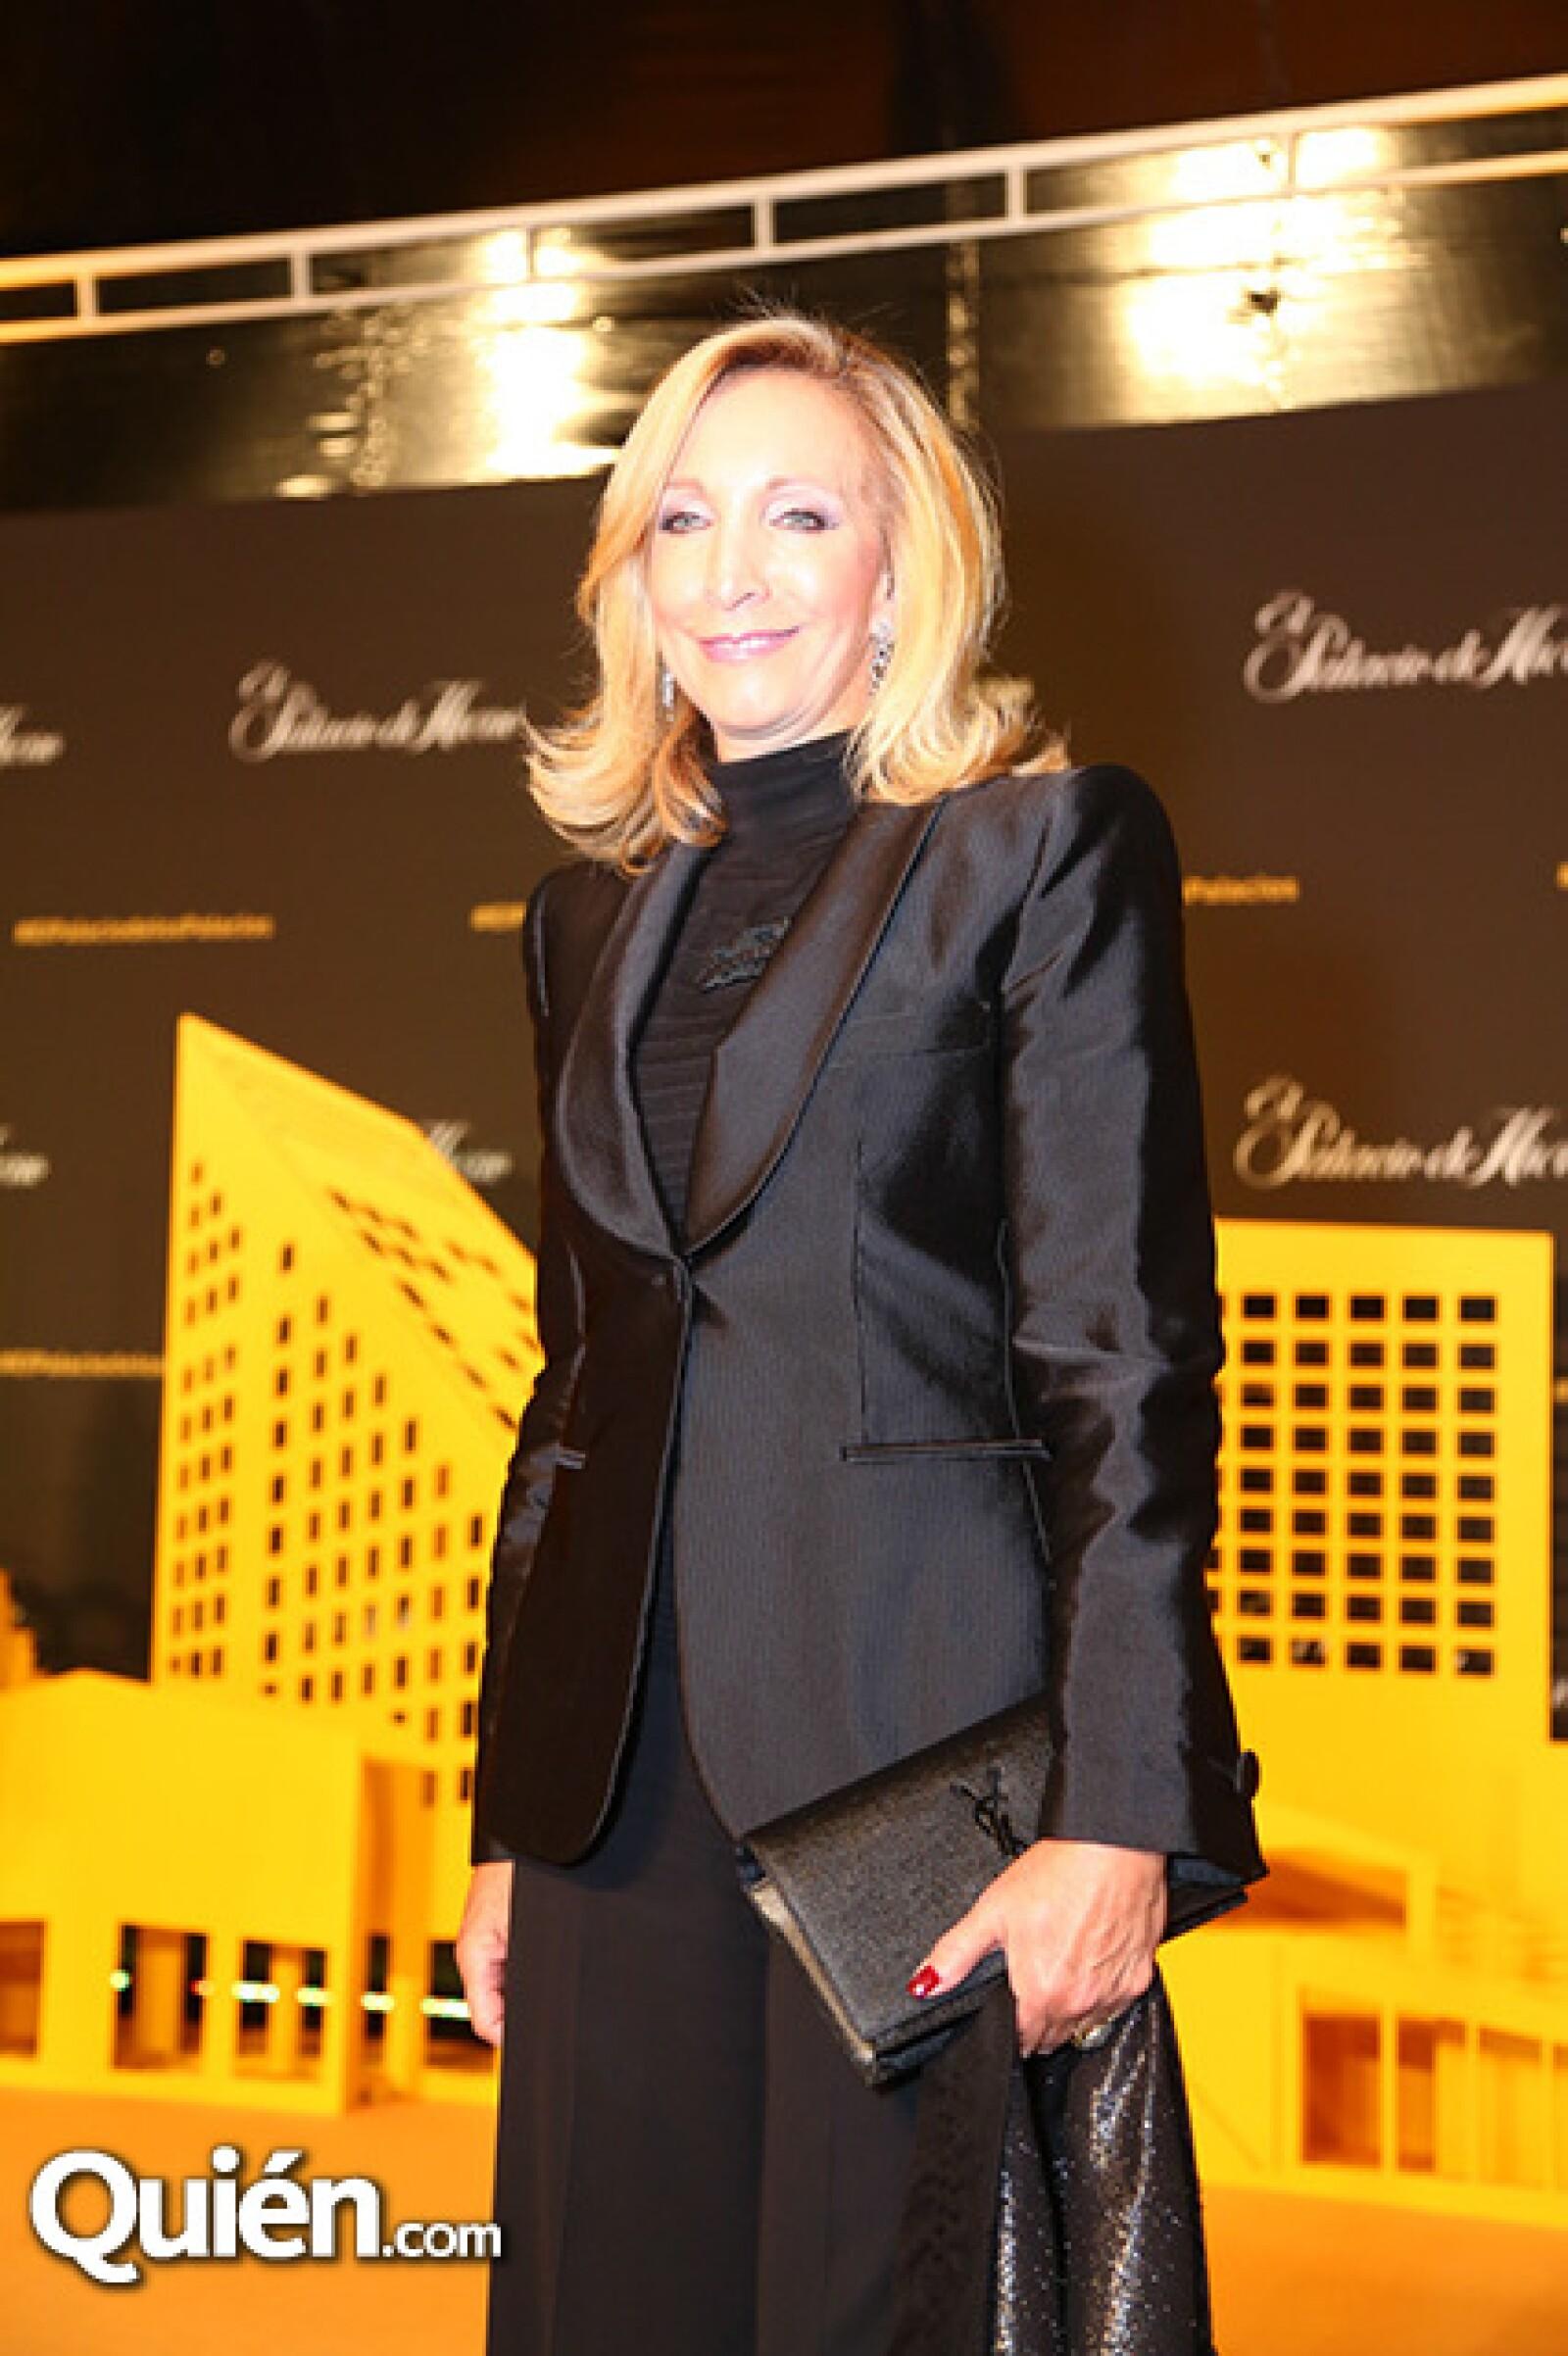 Clarisse Porteni